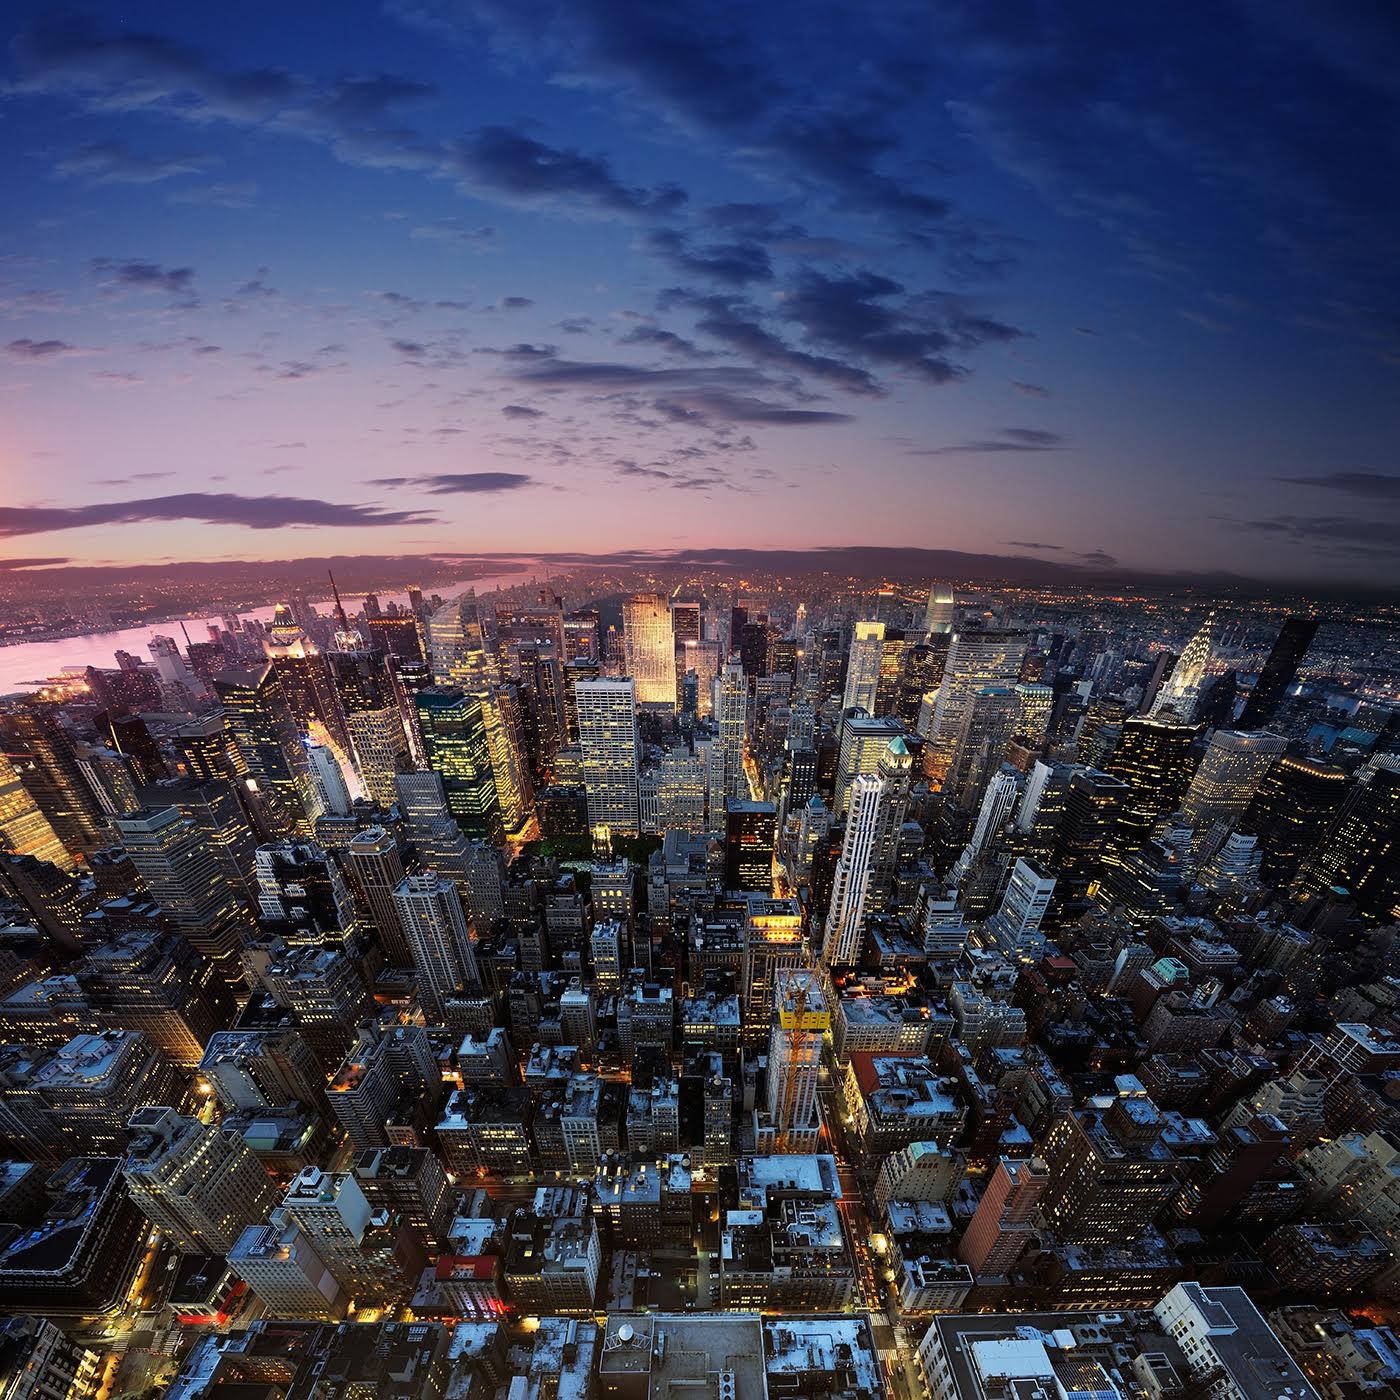 New York skyline at dusk - AI NY 2016